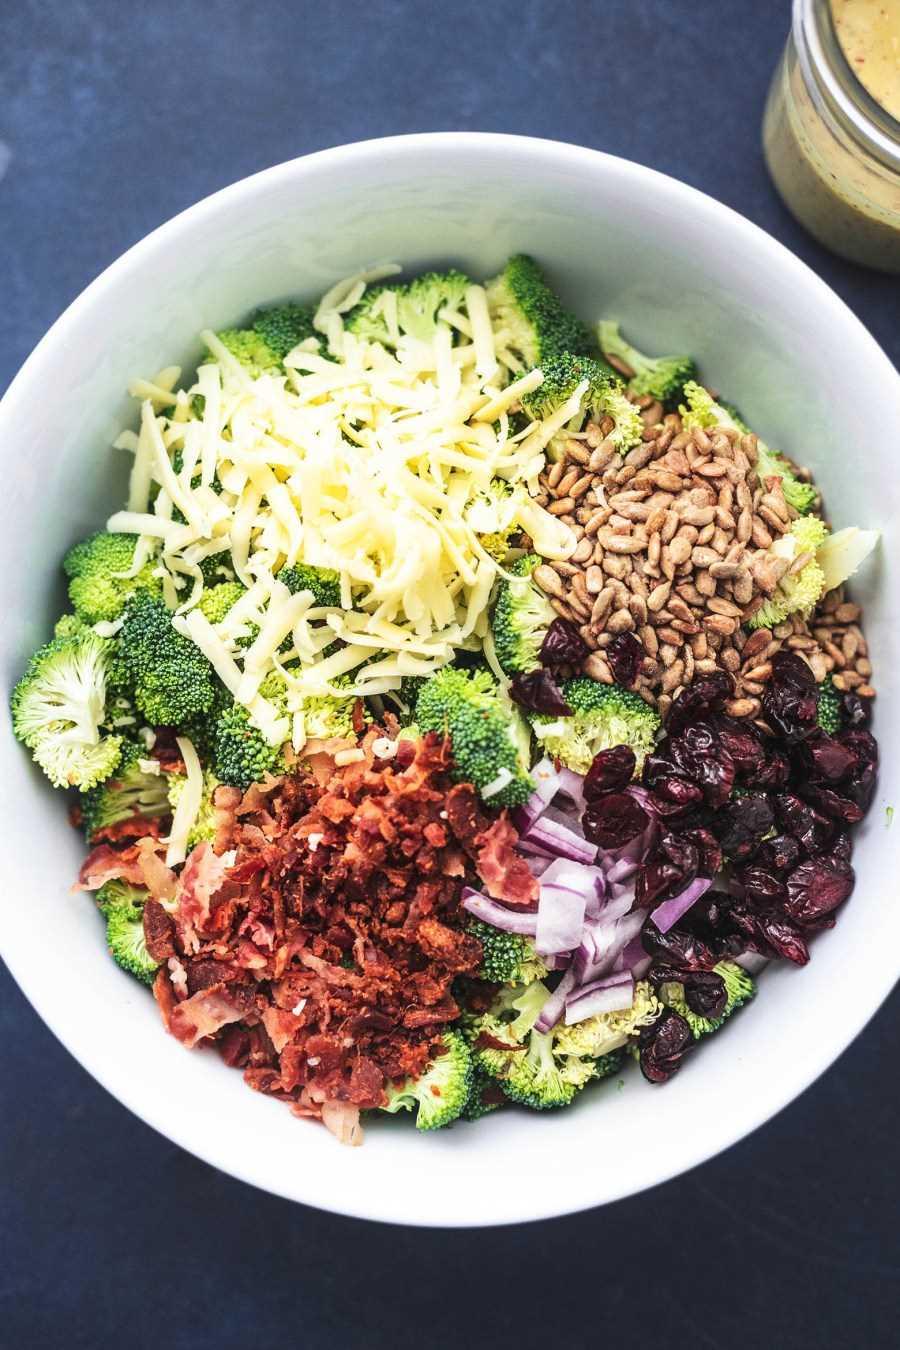 Receta fácil y sabrosa de la mejor ensalada de brócoli (¡sin mayo!)   lecremedelacrumb.com